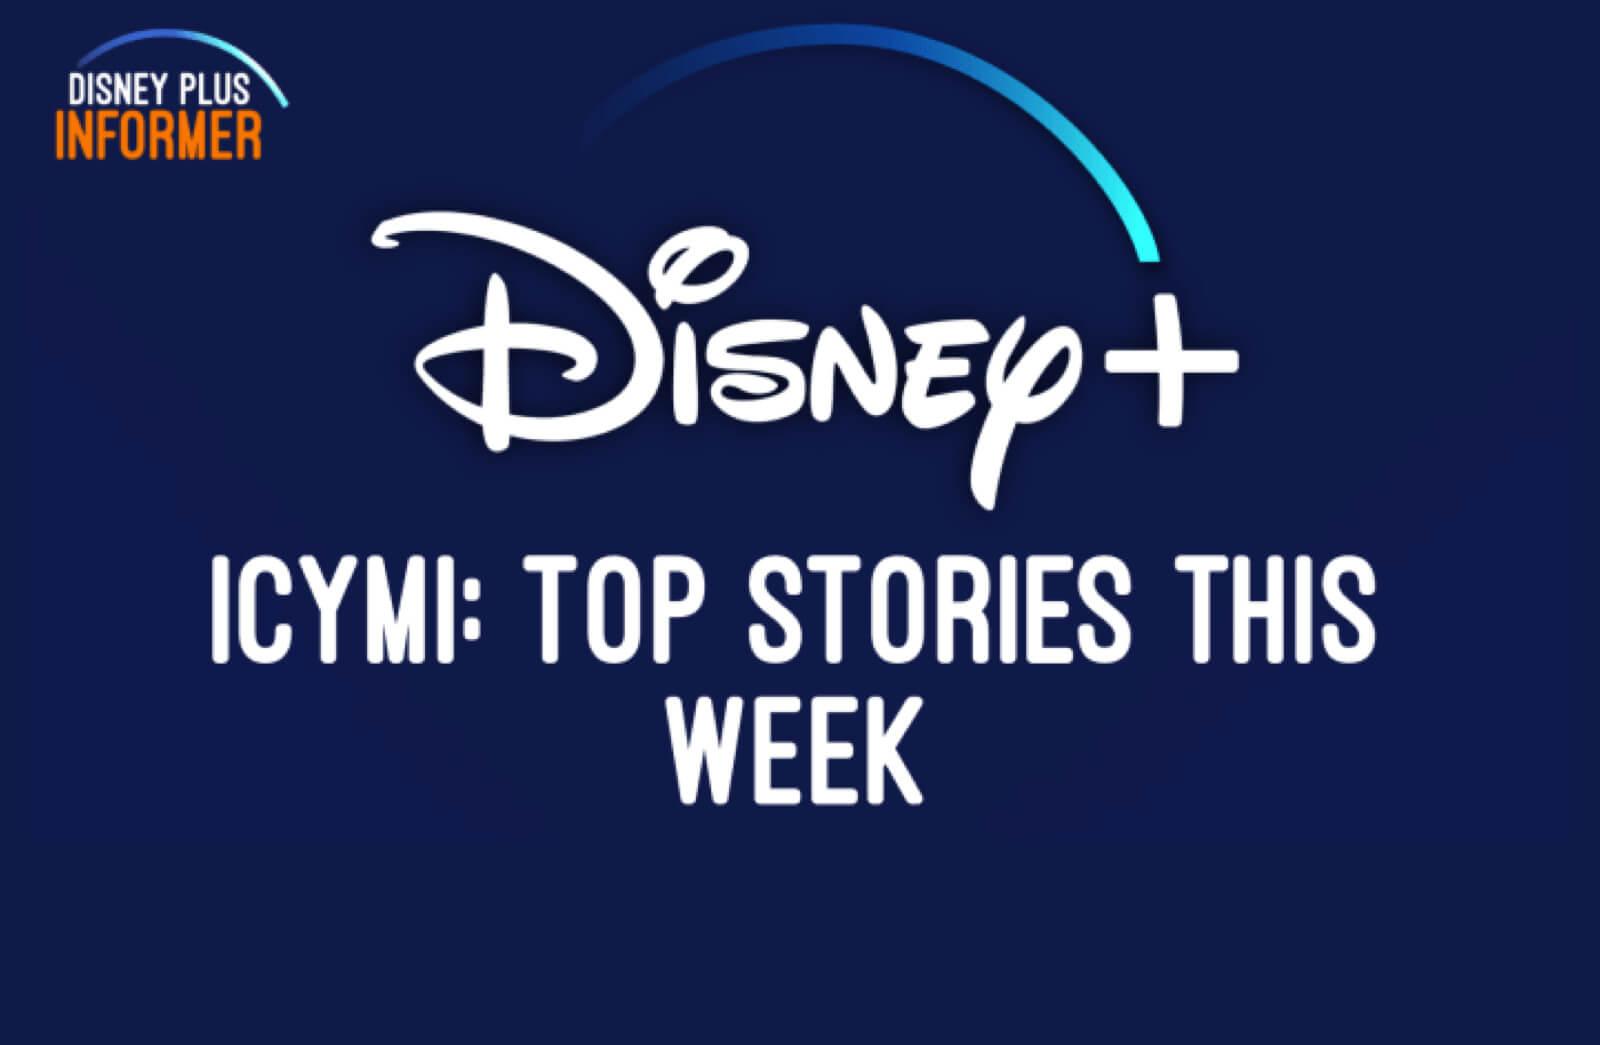 ICYMI: Top Disney+ Stories This Week